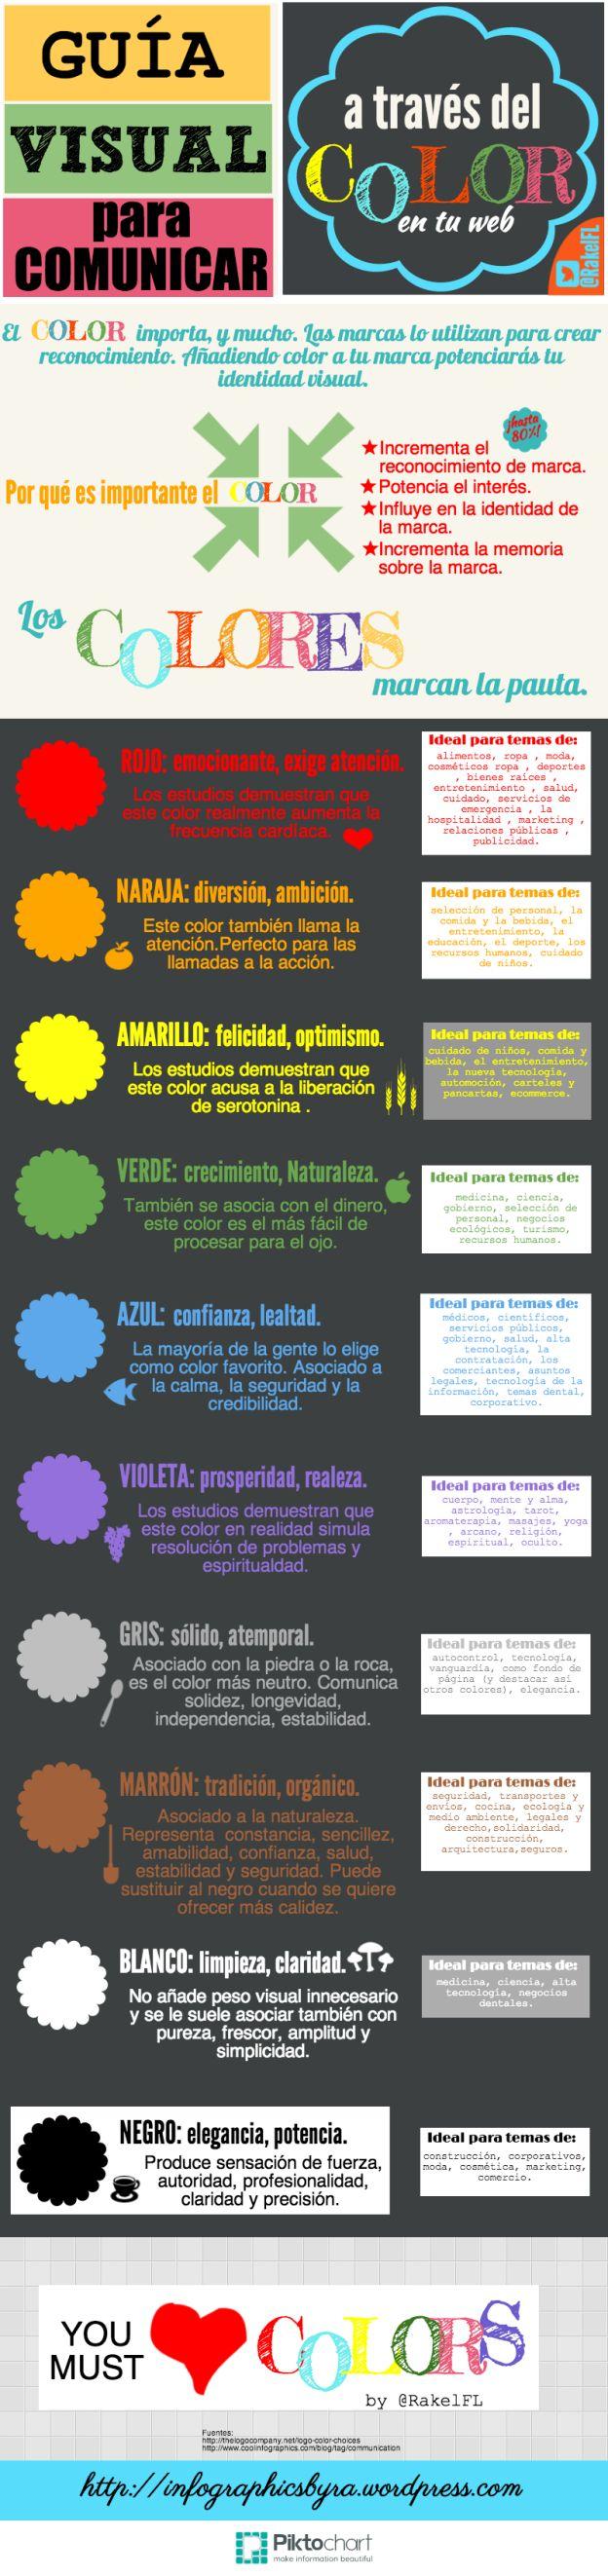 infografia_guia-visual-para-comunicar-a-travc3a9s-del-color-en-tu-web.png (624×2645)